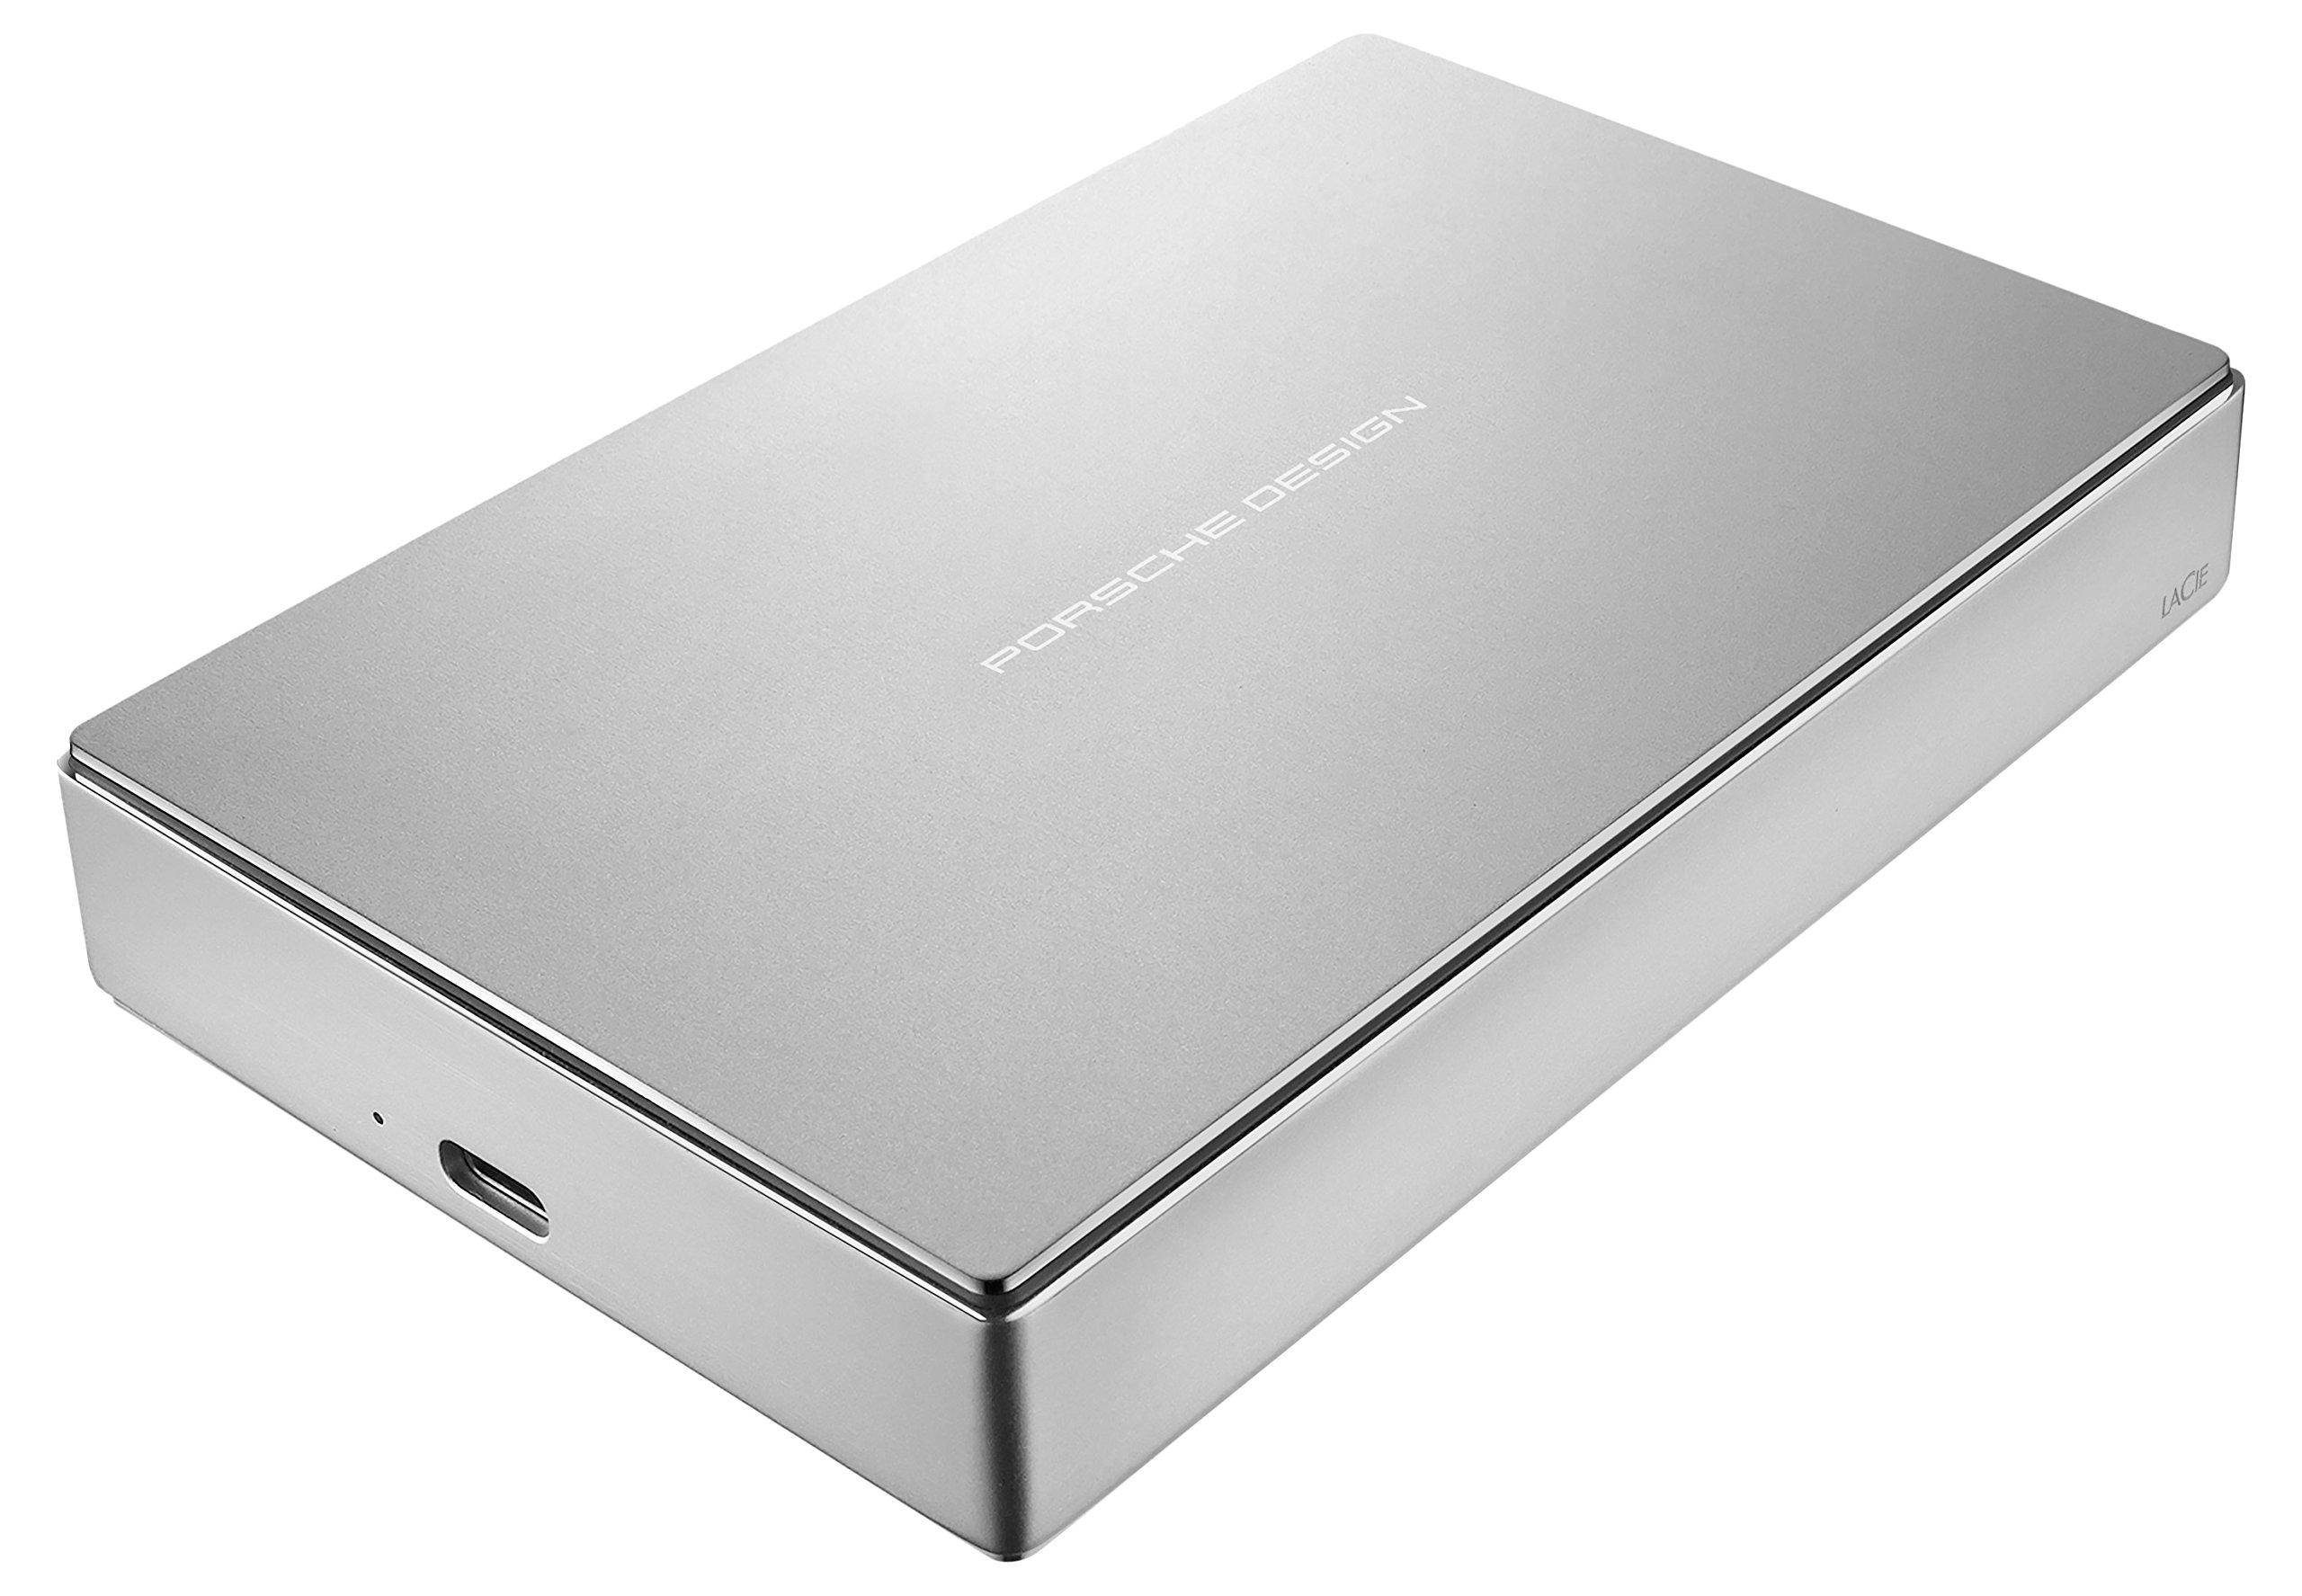 LaCie Porsche Design 5TB USB-C Mobile Hard Drive STFD5000400 - Silver